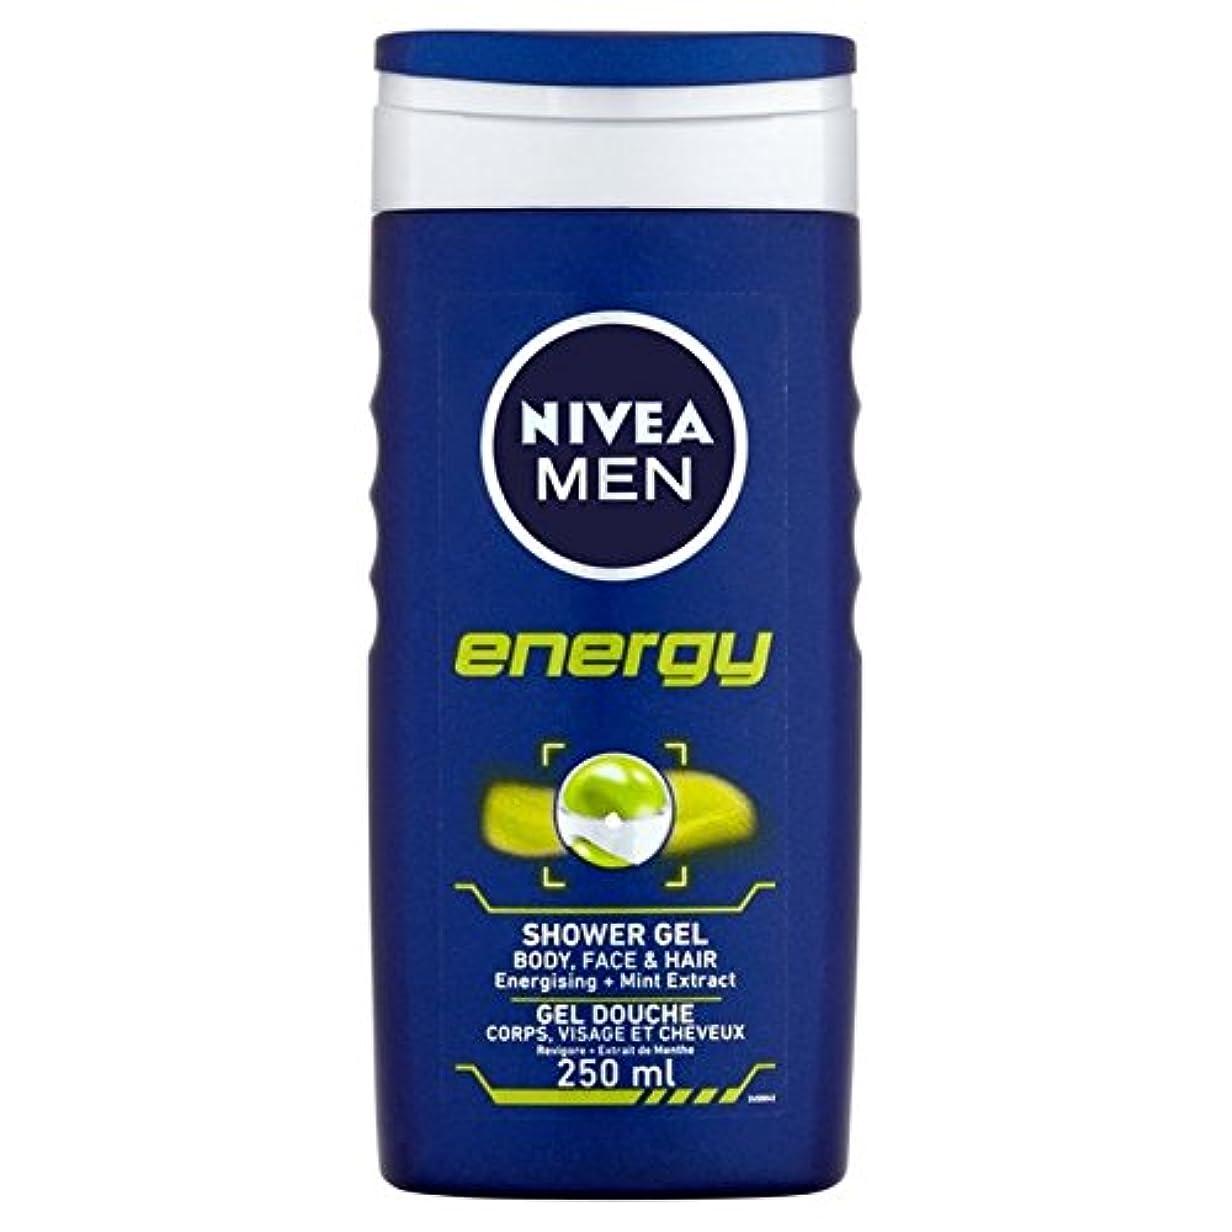 フェッチ霜プロトタイプNivea Men Energy 2 in 1 Shower 250ml - 1つのシャワー250ミリリットル中ニベアの男性のエネルギー2 [並行輸入品]